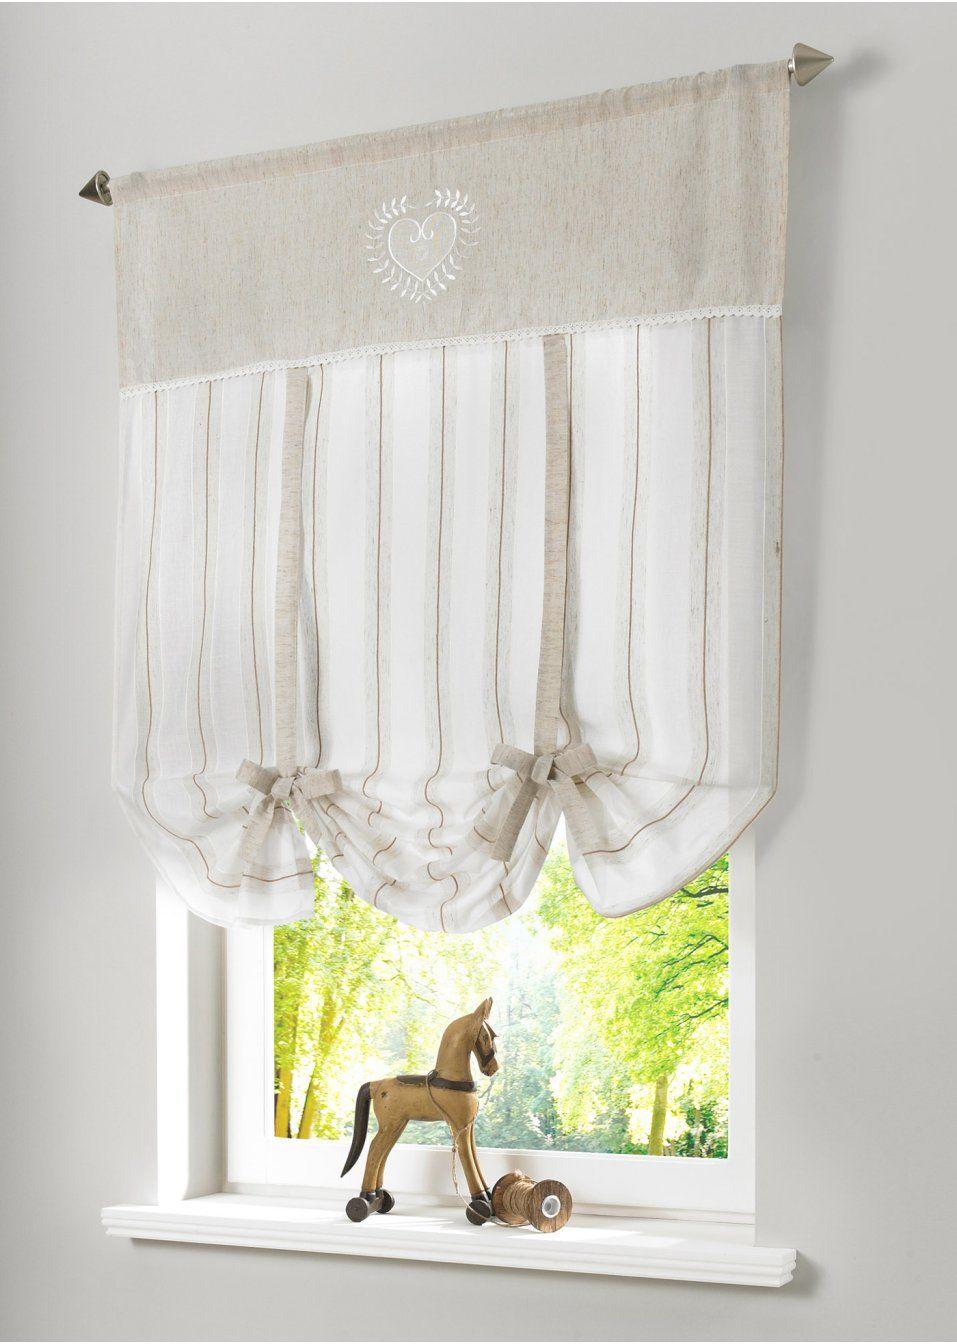 Full Size of Vorhang Glanz 1er Pack Bonprix Betten Vorhänge Wohnzimmer Küche Schlafzimmer Wohnzimmer Bon Prix Vorhänge